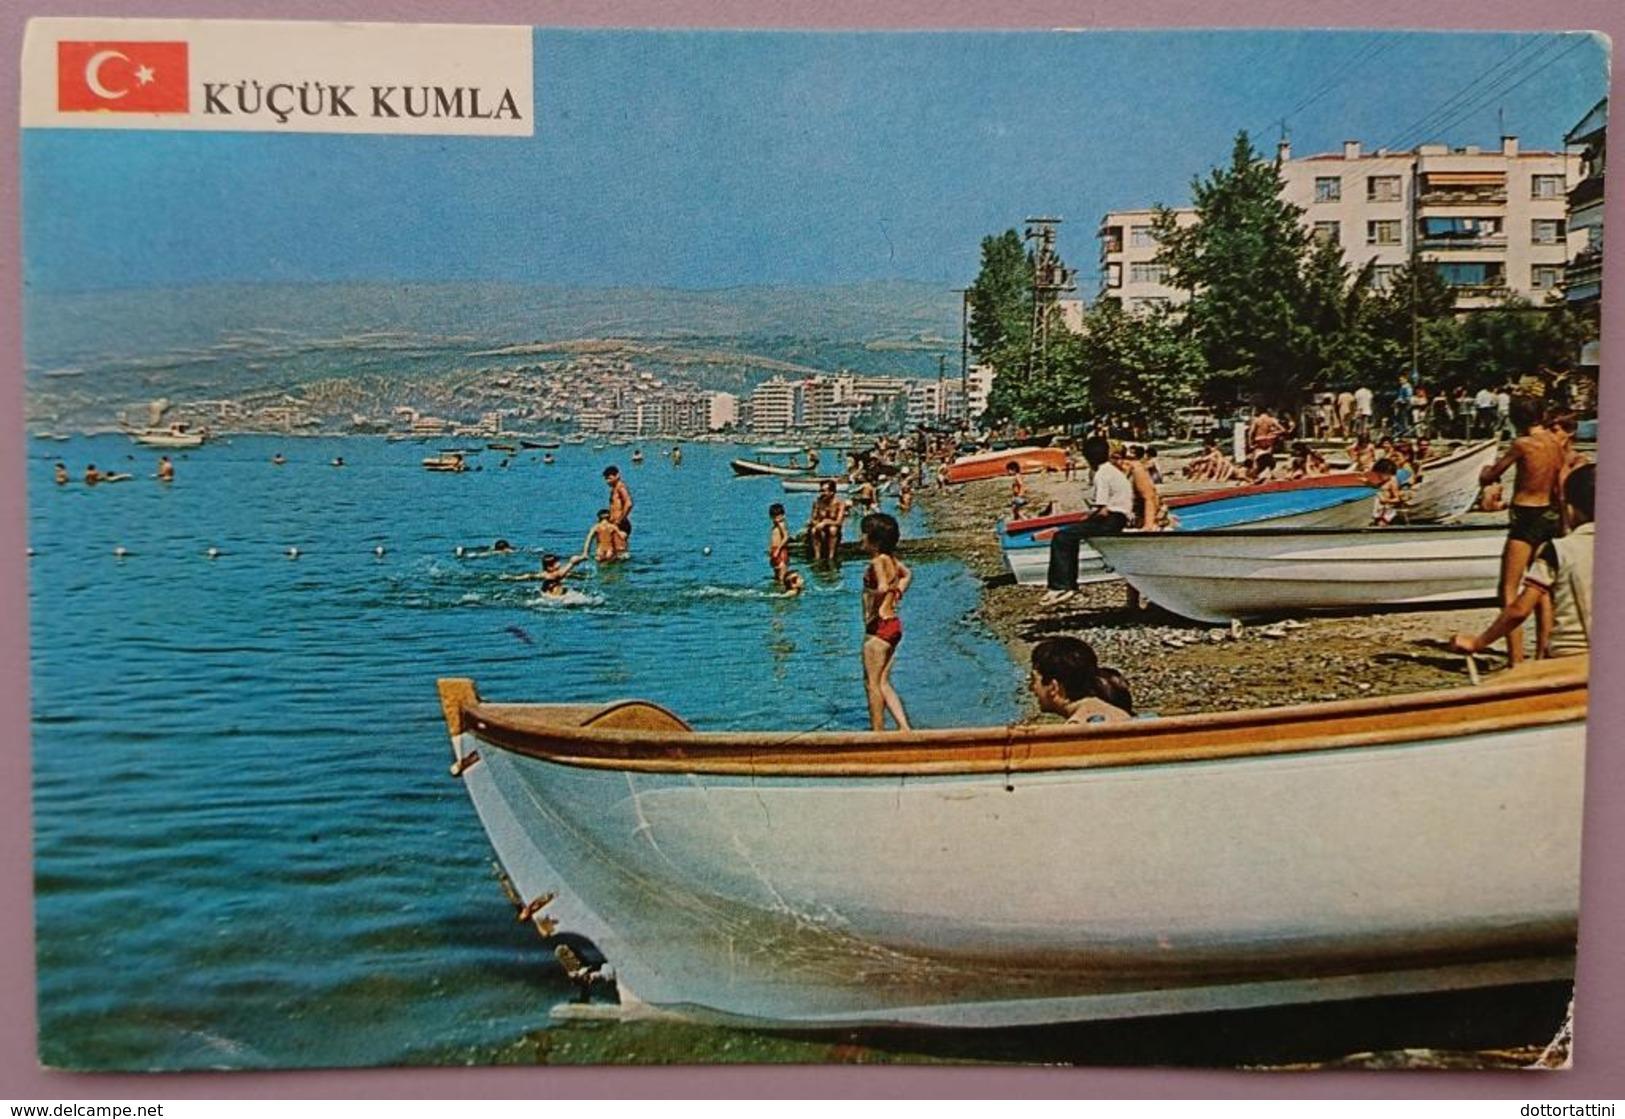 KUCUK KUMLA - Turkey - Sahliden Gorunus -    Vg - Turchia